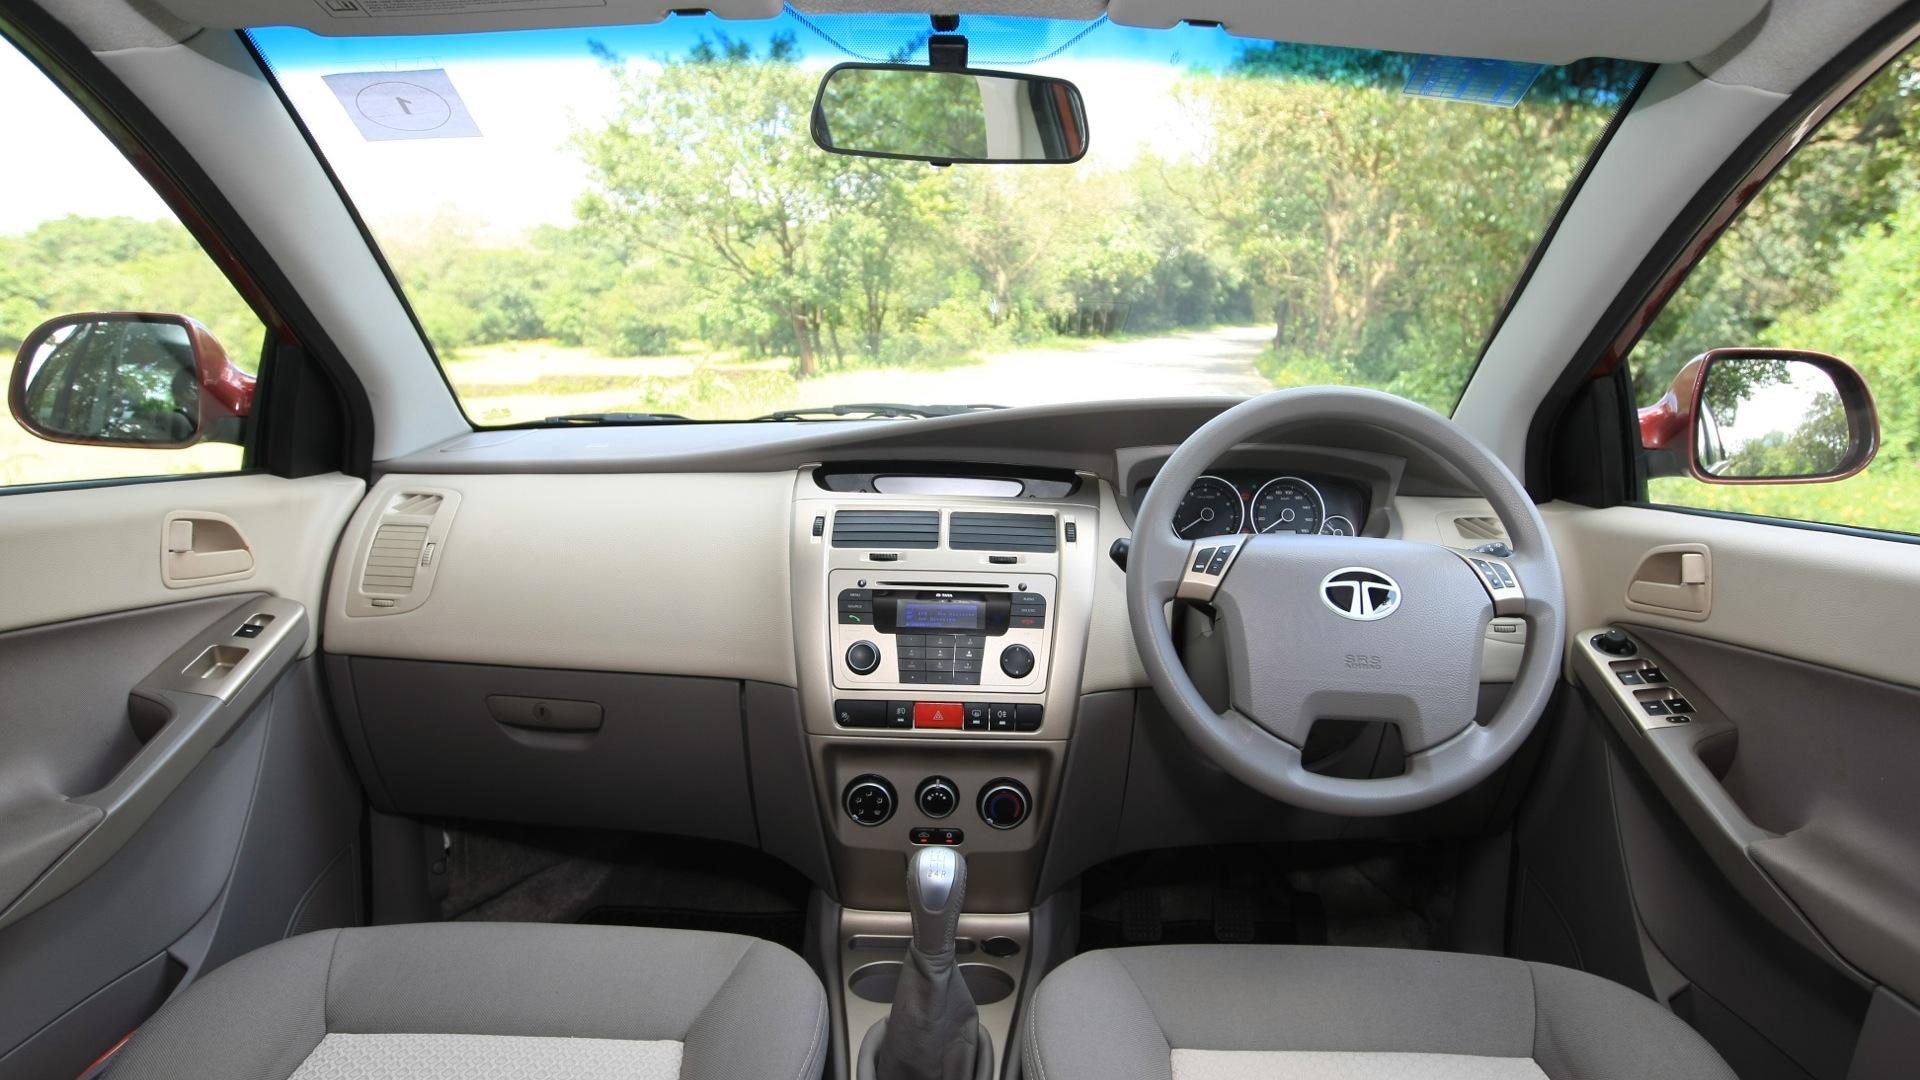 Tata-Manza-2013-Aqua-Quadrajet-Interior